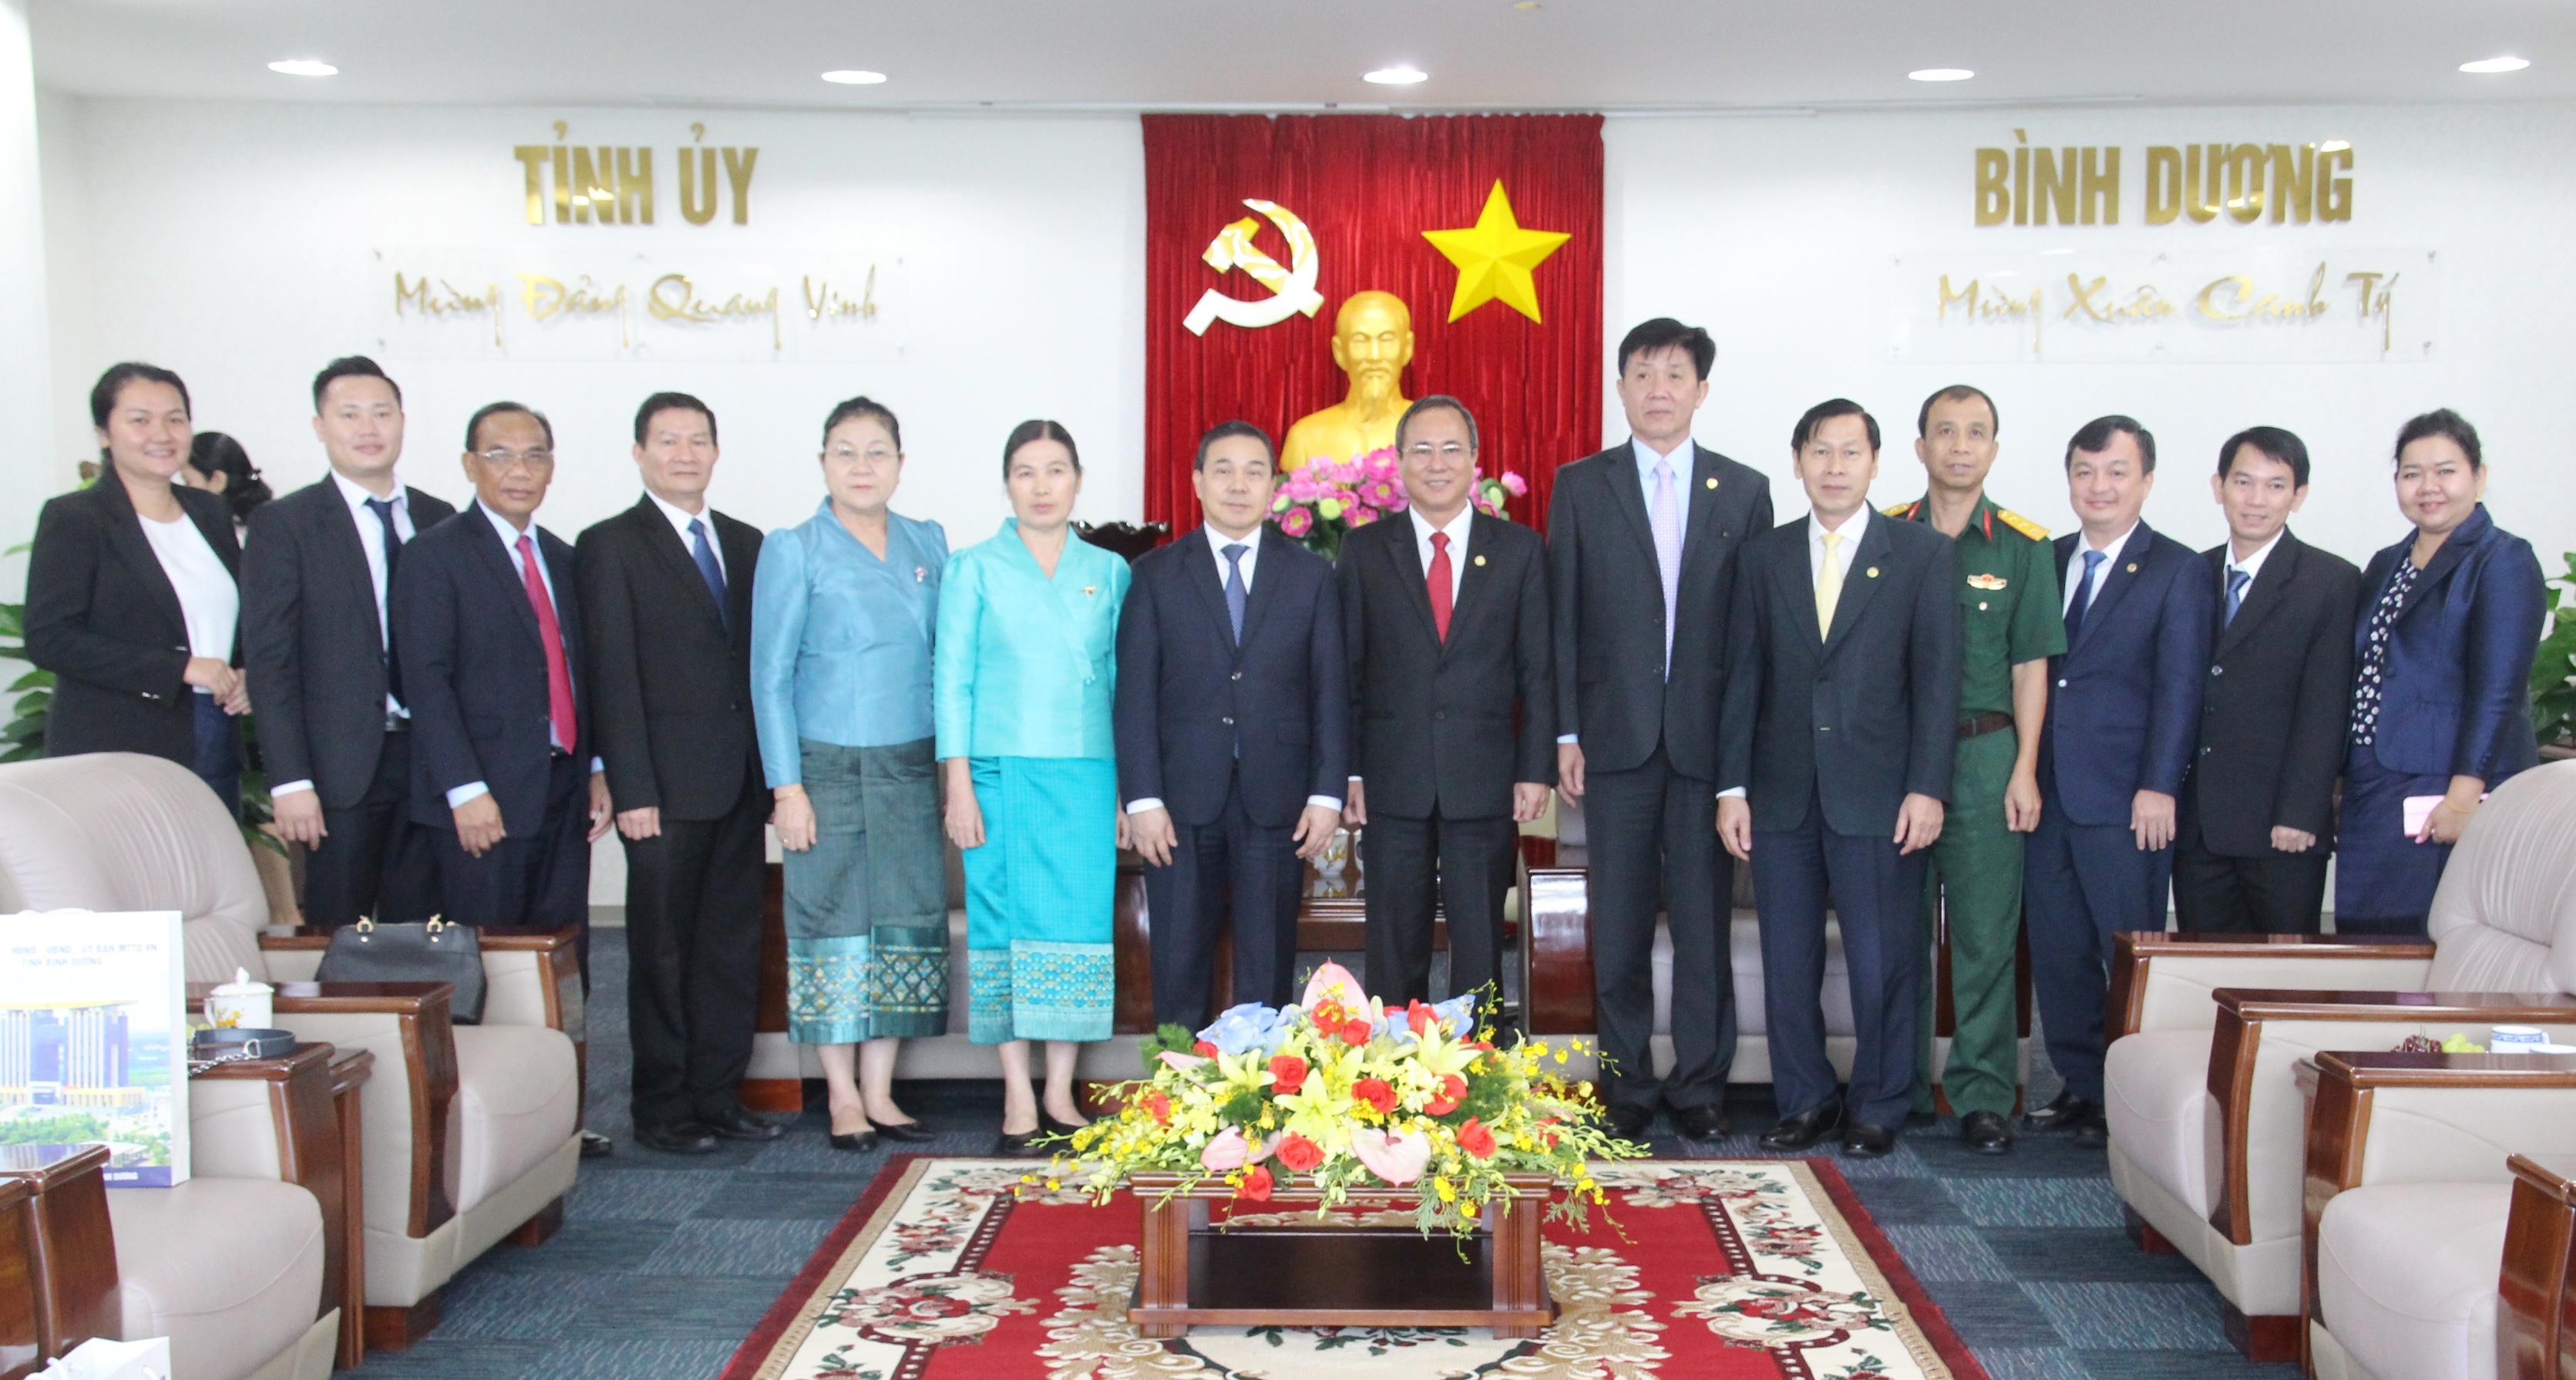 Bình Dương tiếp tục hỗ trợ, hợp tác với các địa phương của Lào